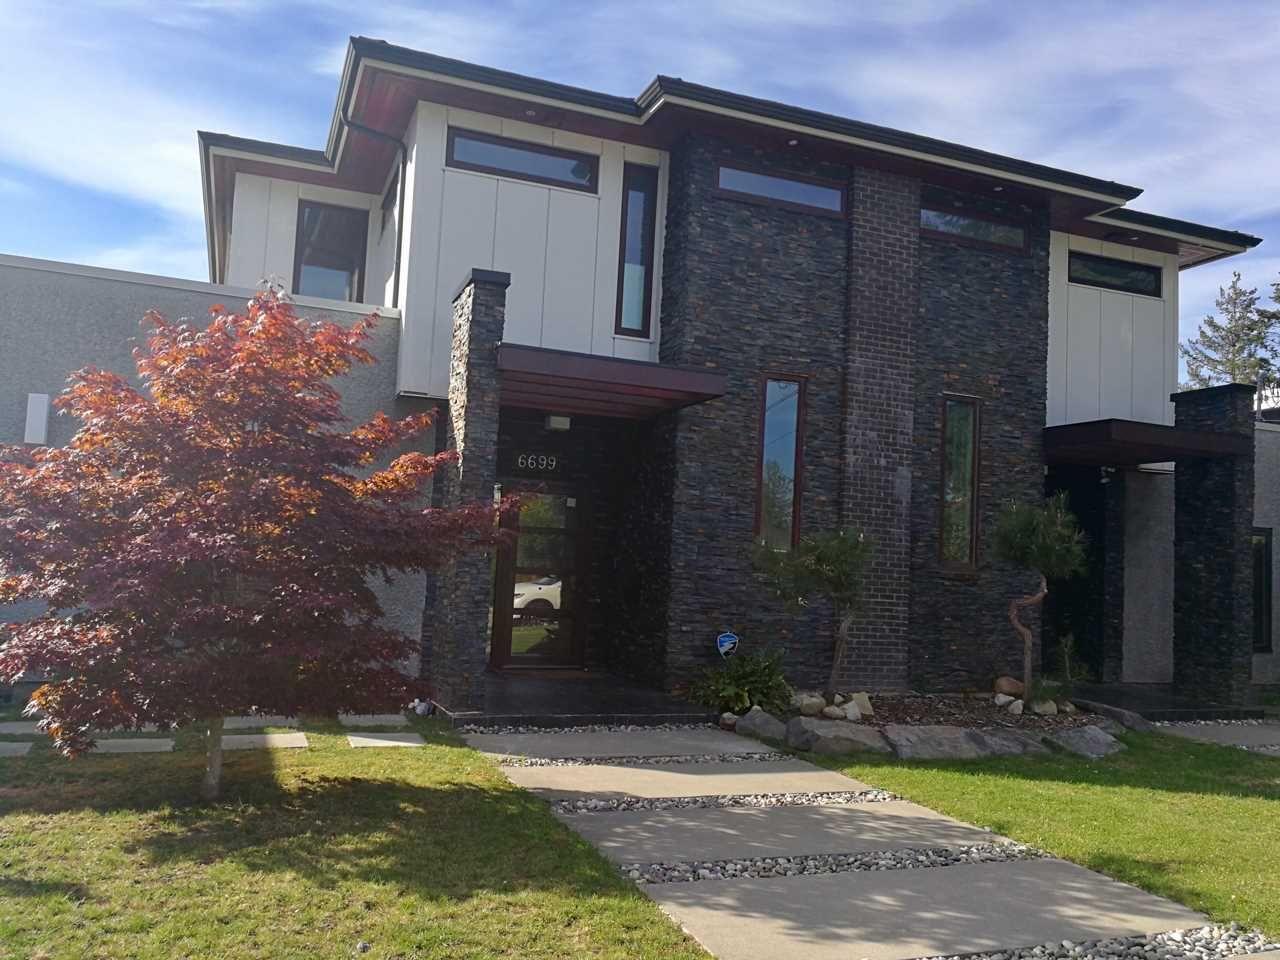 6699 SPERLING Avenue in Burnaby Upper Deer Lake House 12 Duplex